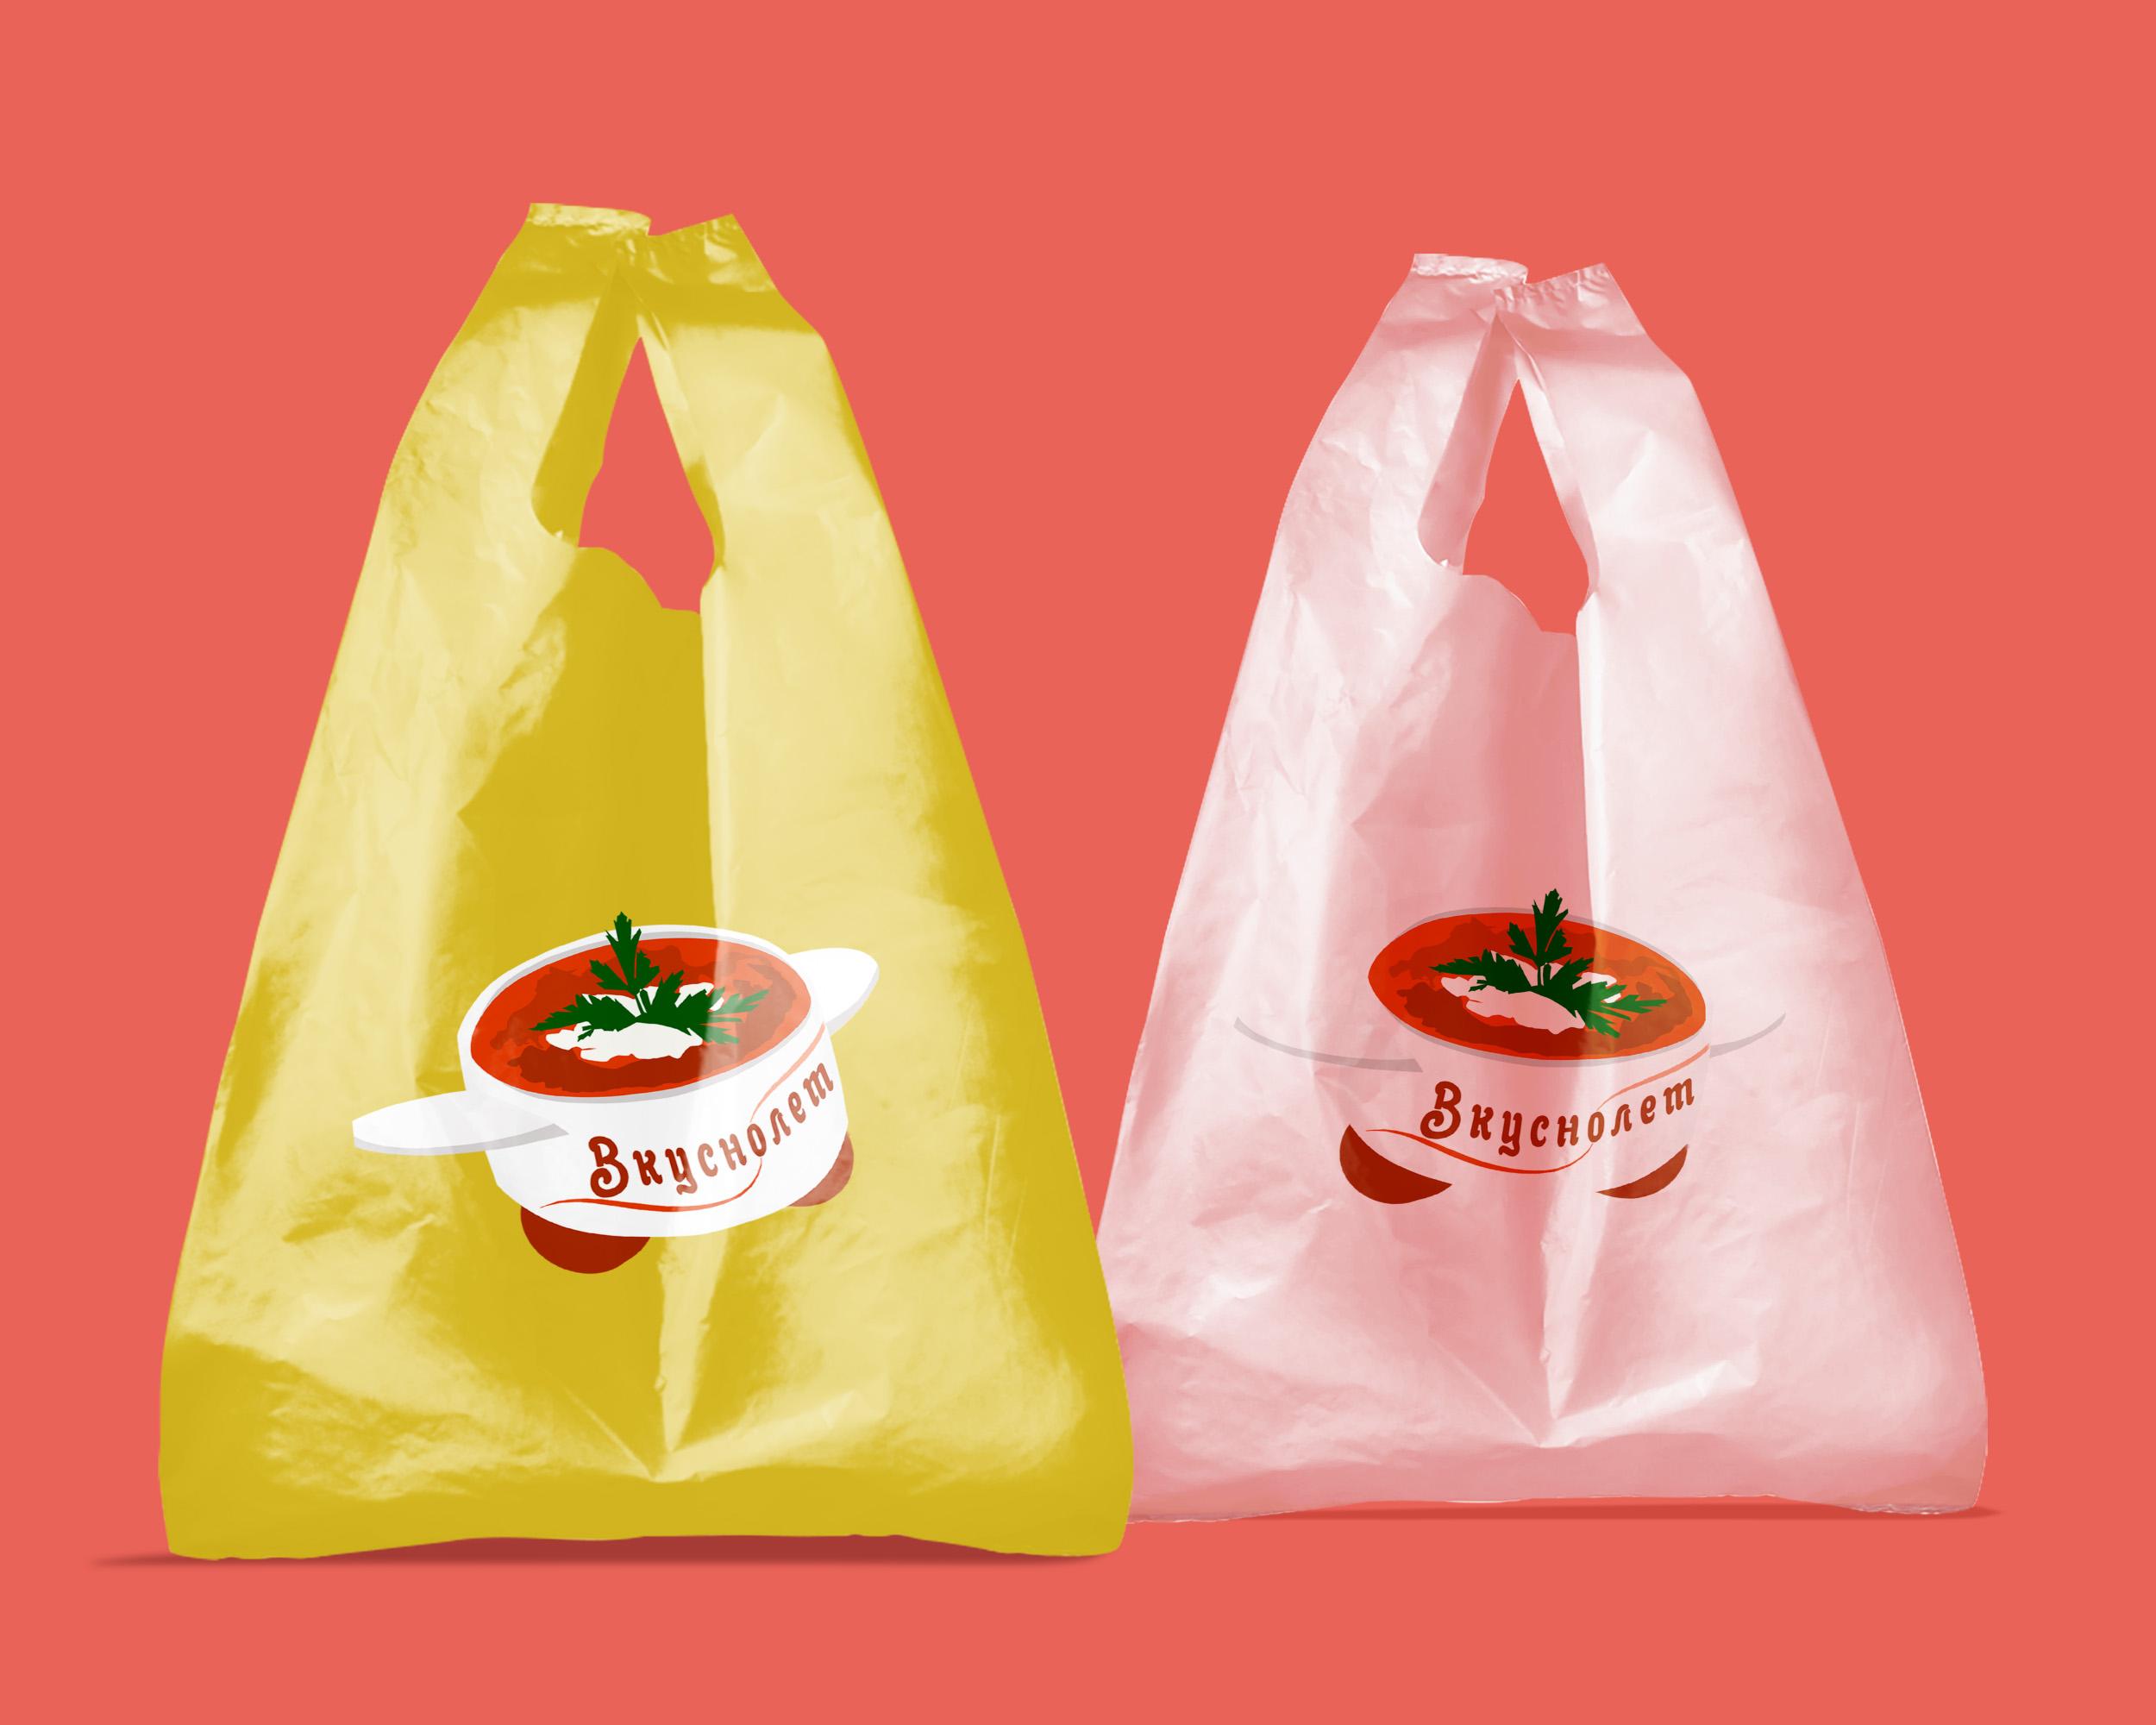 Логотип для доставки еды фото f_99759d3c76274a2b.jpg